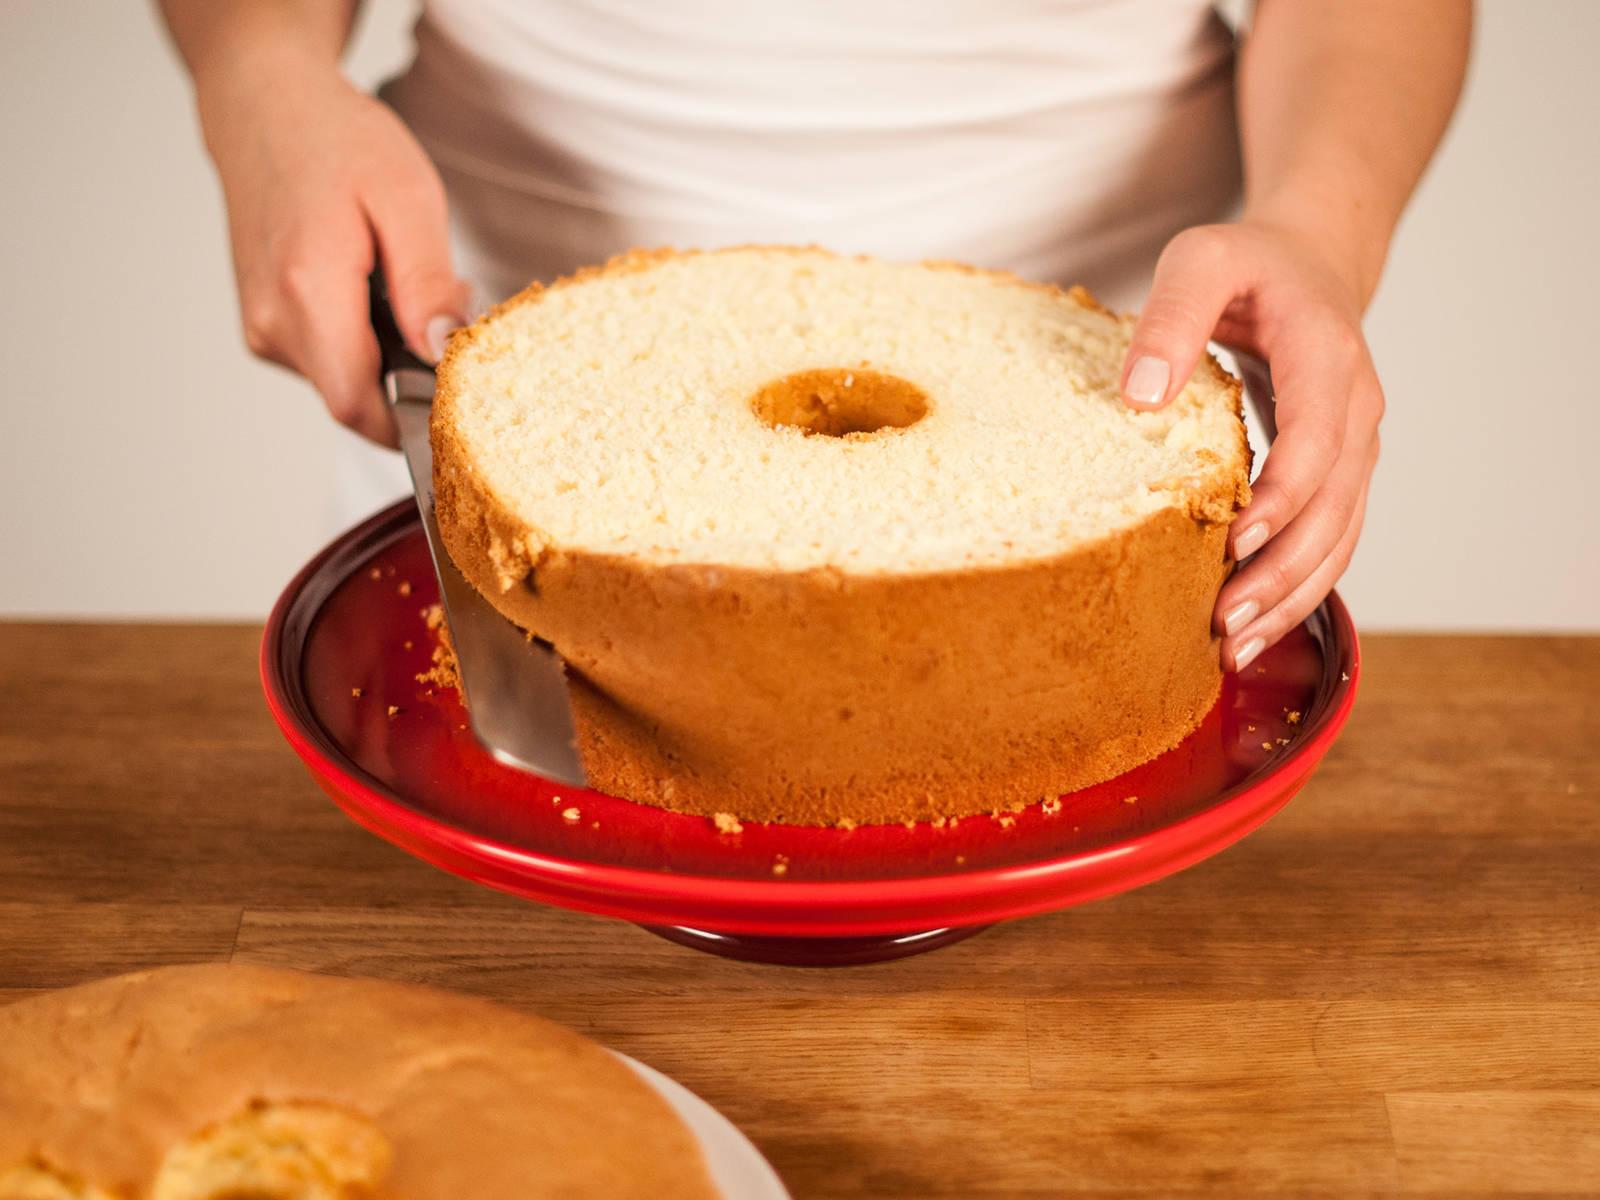 Mit einem Messer am Rand der Backform entlangfahren. Den Kuchen vorsichtig aus der Form lösen und mit einem Brotmesser waagerecht in 3 Teile schneiden.